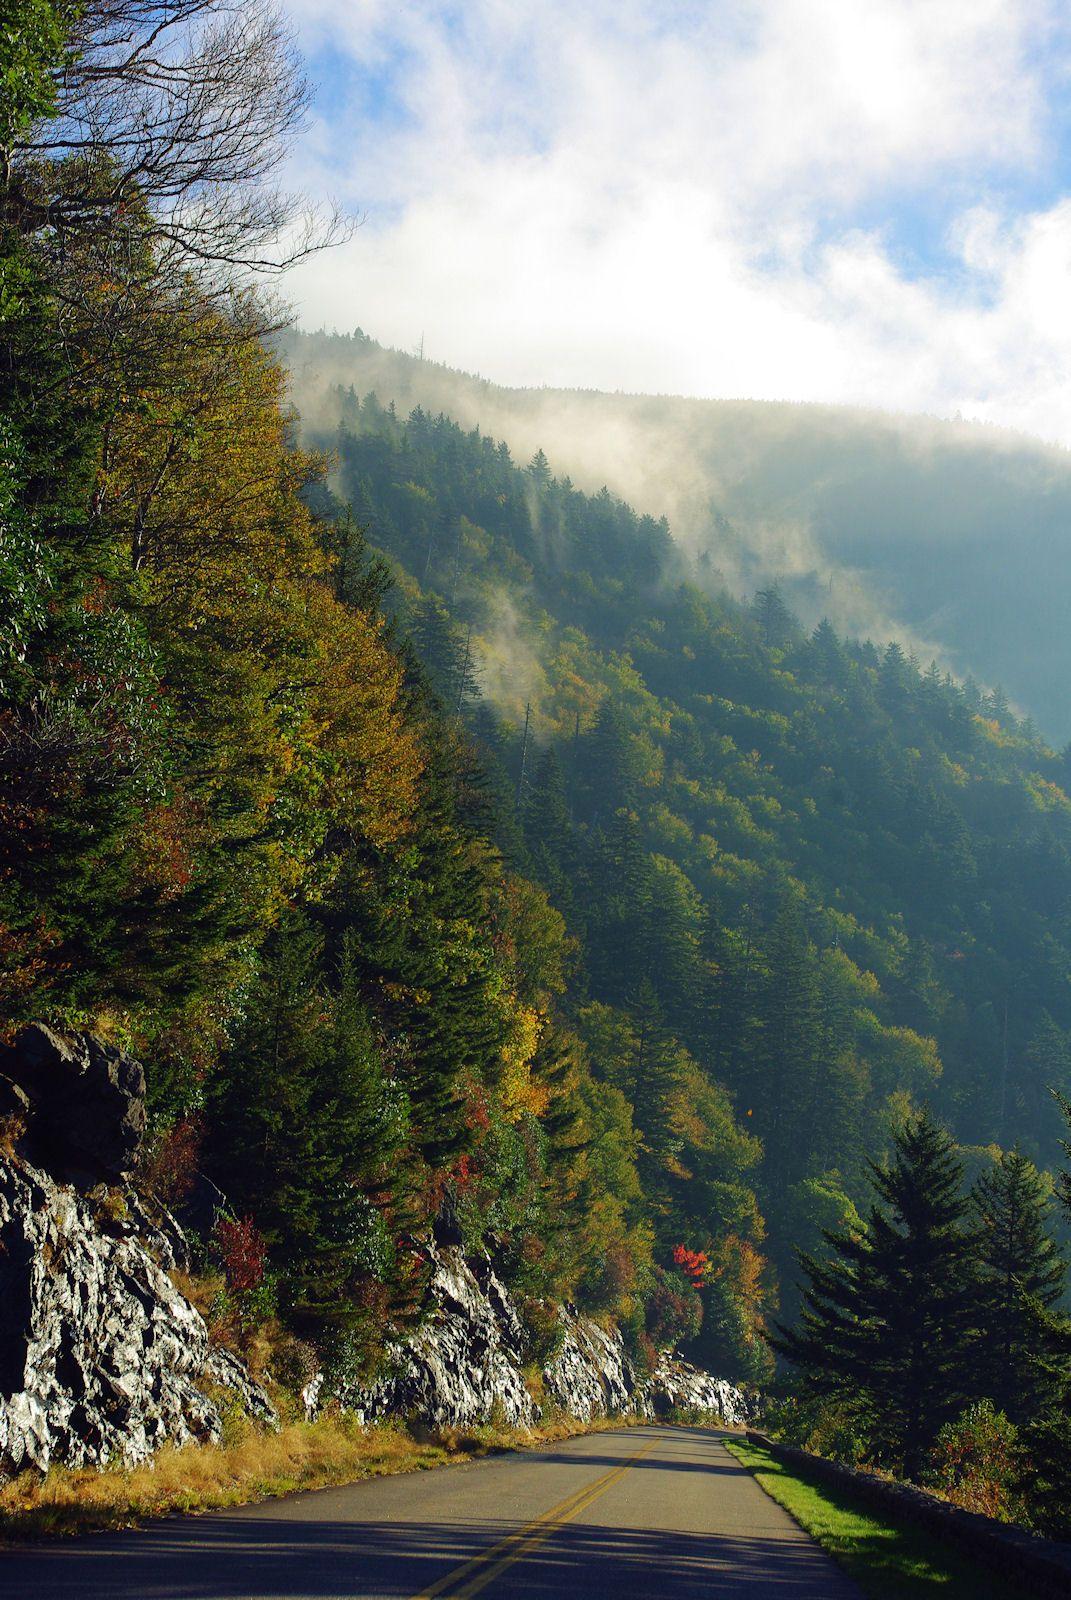 ridge mountains pinterest - photo #7